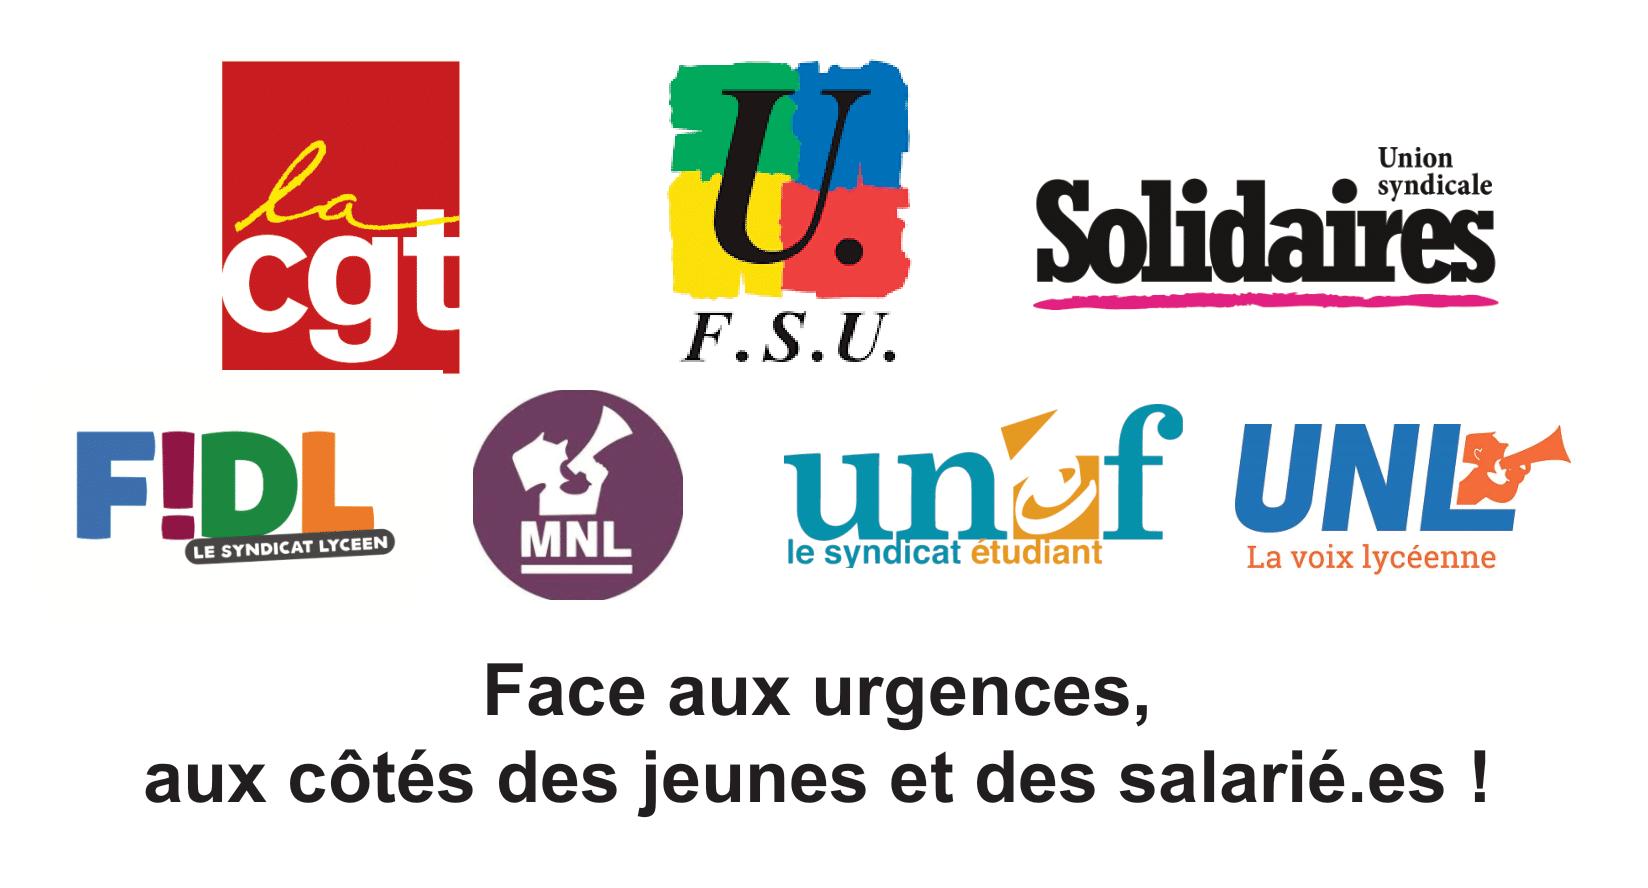 Face aux urgences, aux côtés des jeunes et des salarié.es !